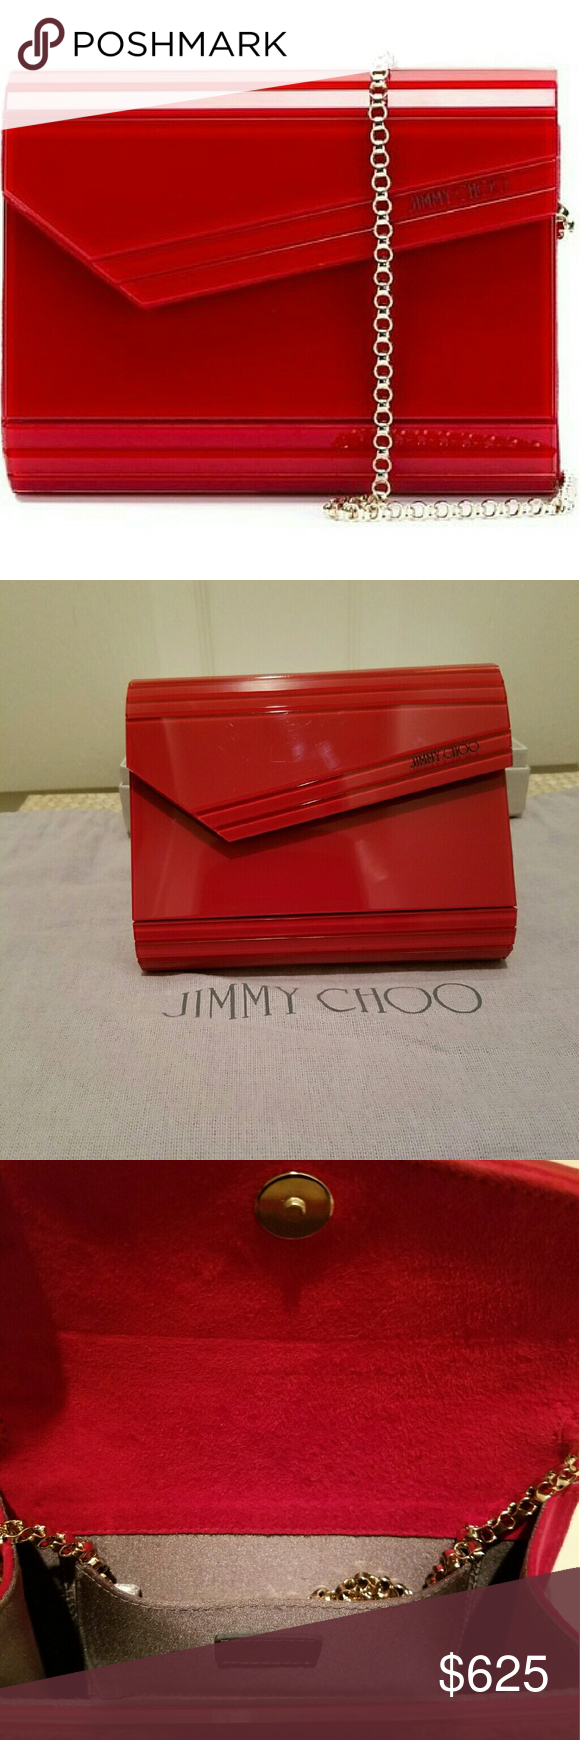 Jimmy Choo Acrylic Clutch Jimmy Choo Acrylic Clutch shoulder bag/red Bags Shoulder Bags